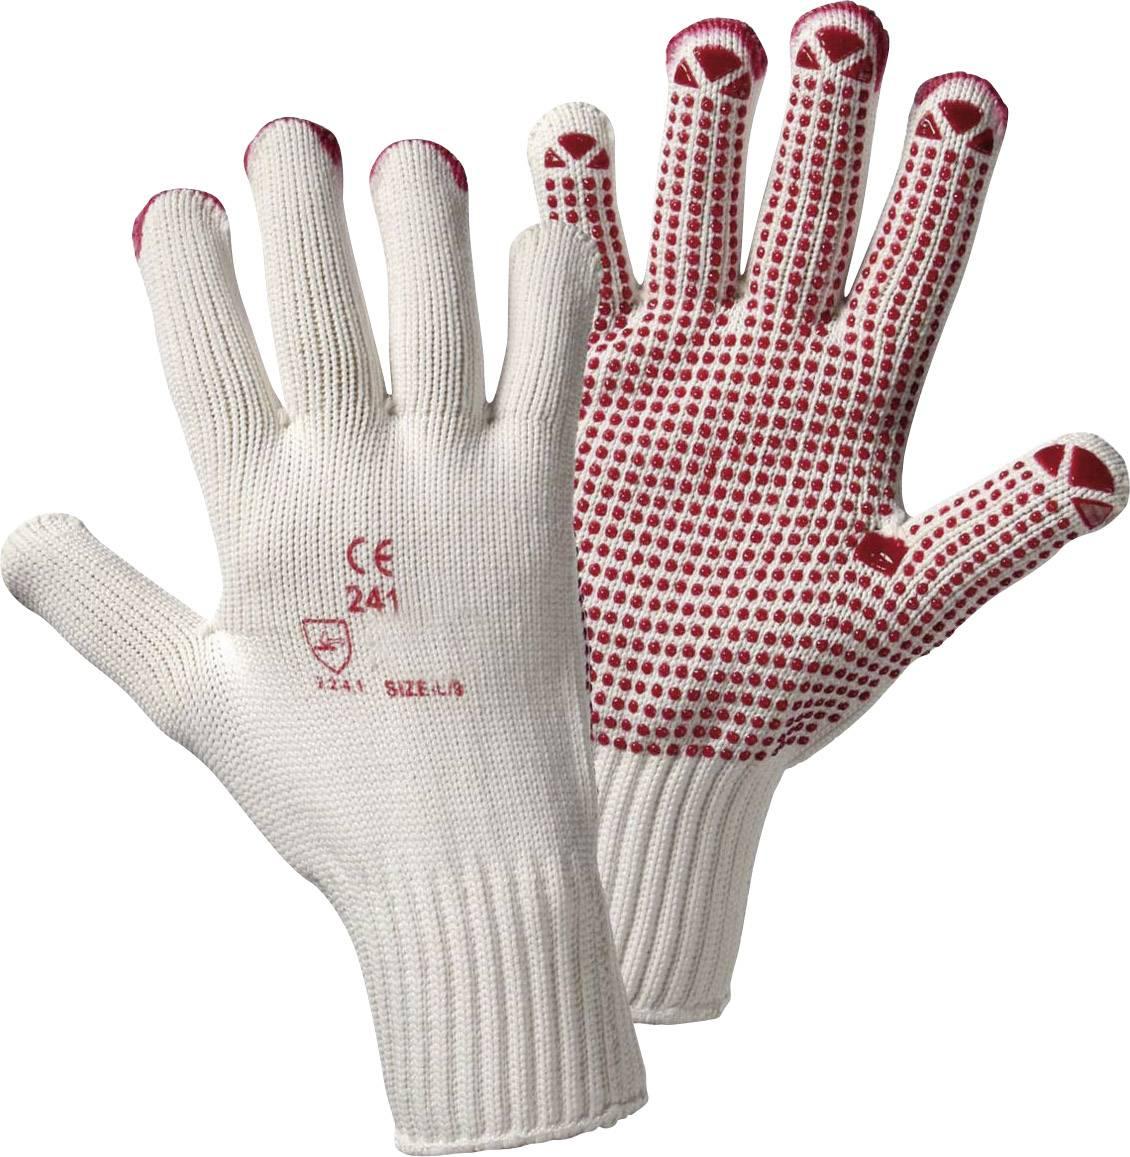 Worky Puncto 1130, velikost rukavic: 10, XL